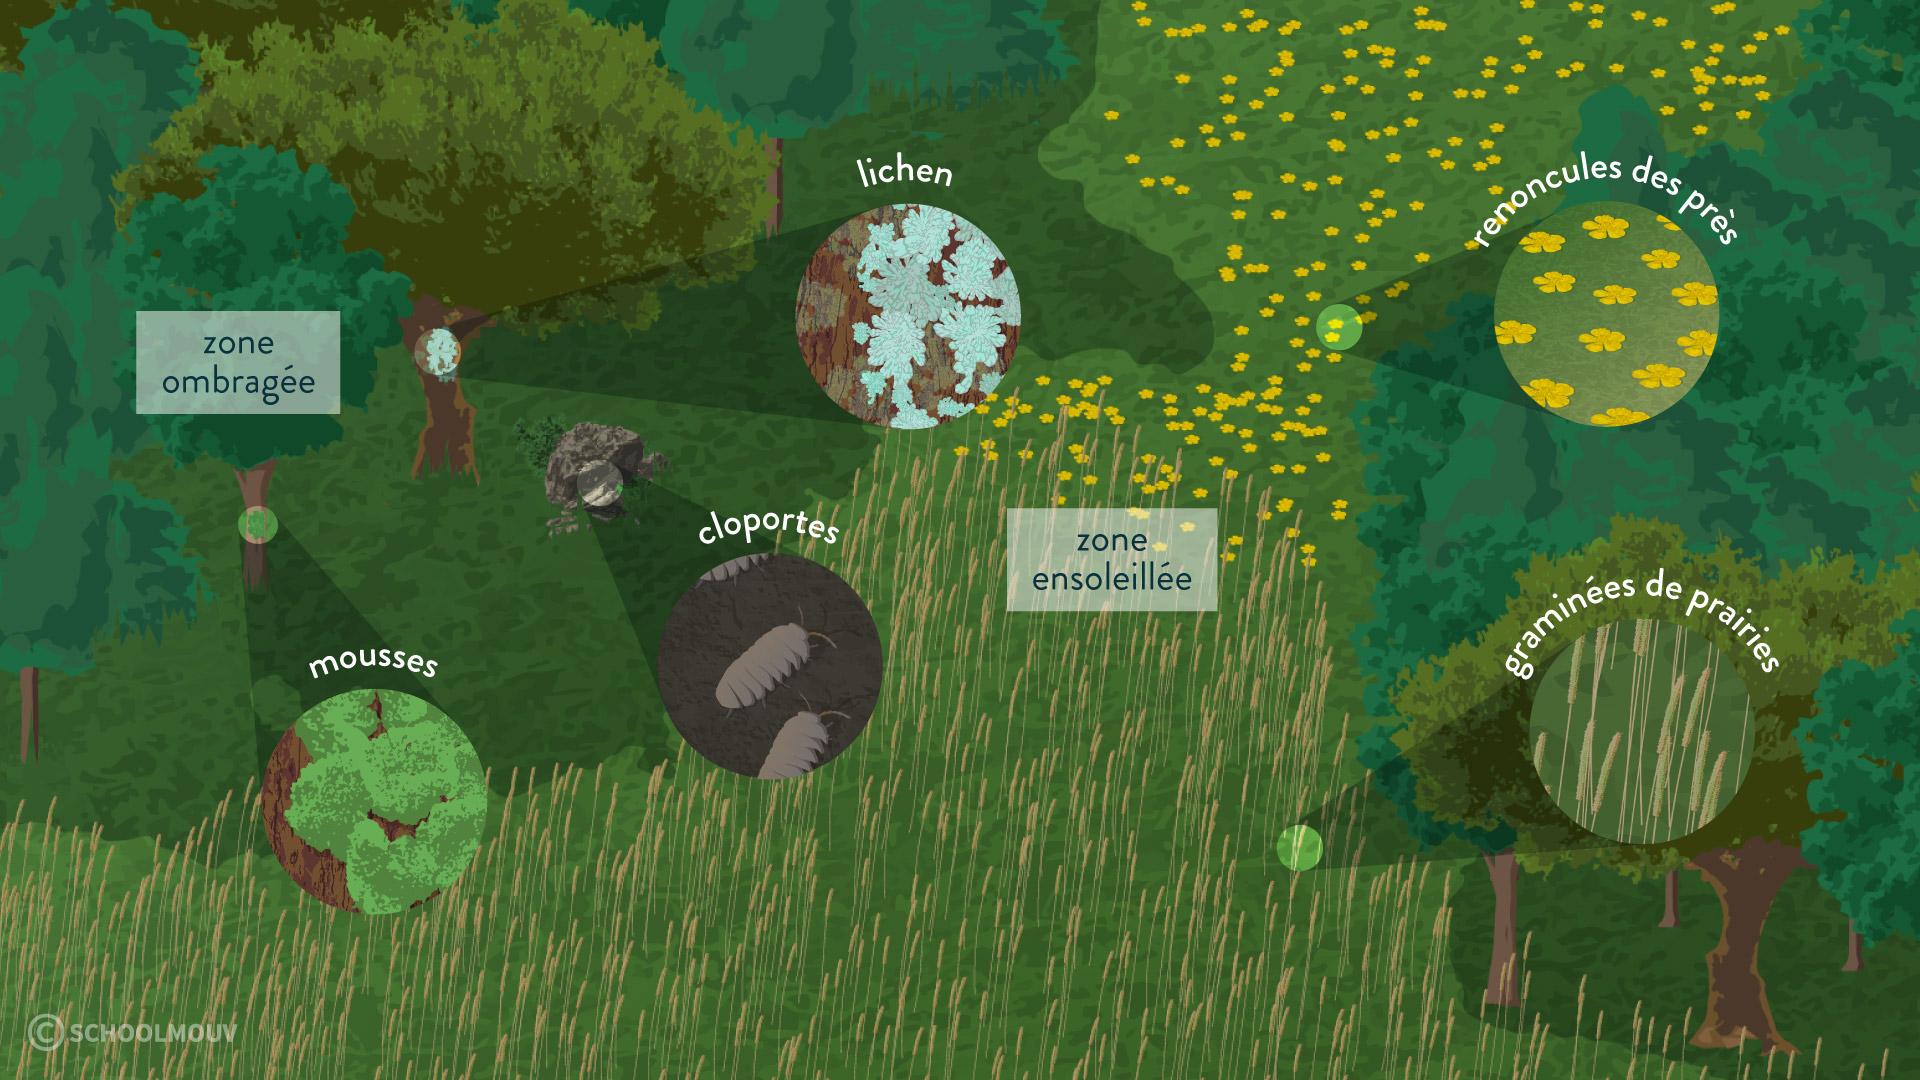 La répartition des êtres vivants dans les zones ombragées et ensoleillées Mousses, lichen sur tronc, Cloportes, Graminées de prairies, Renoncules des près-svt-6-schoolmouv